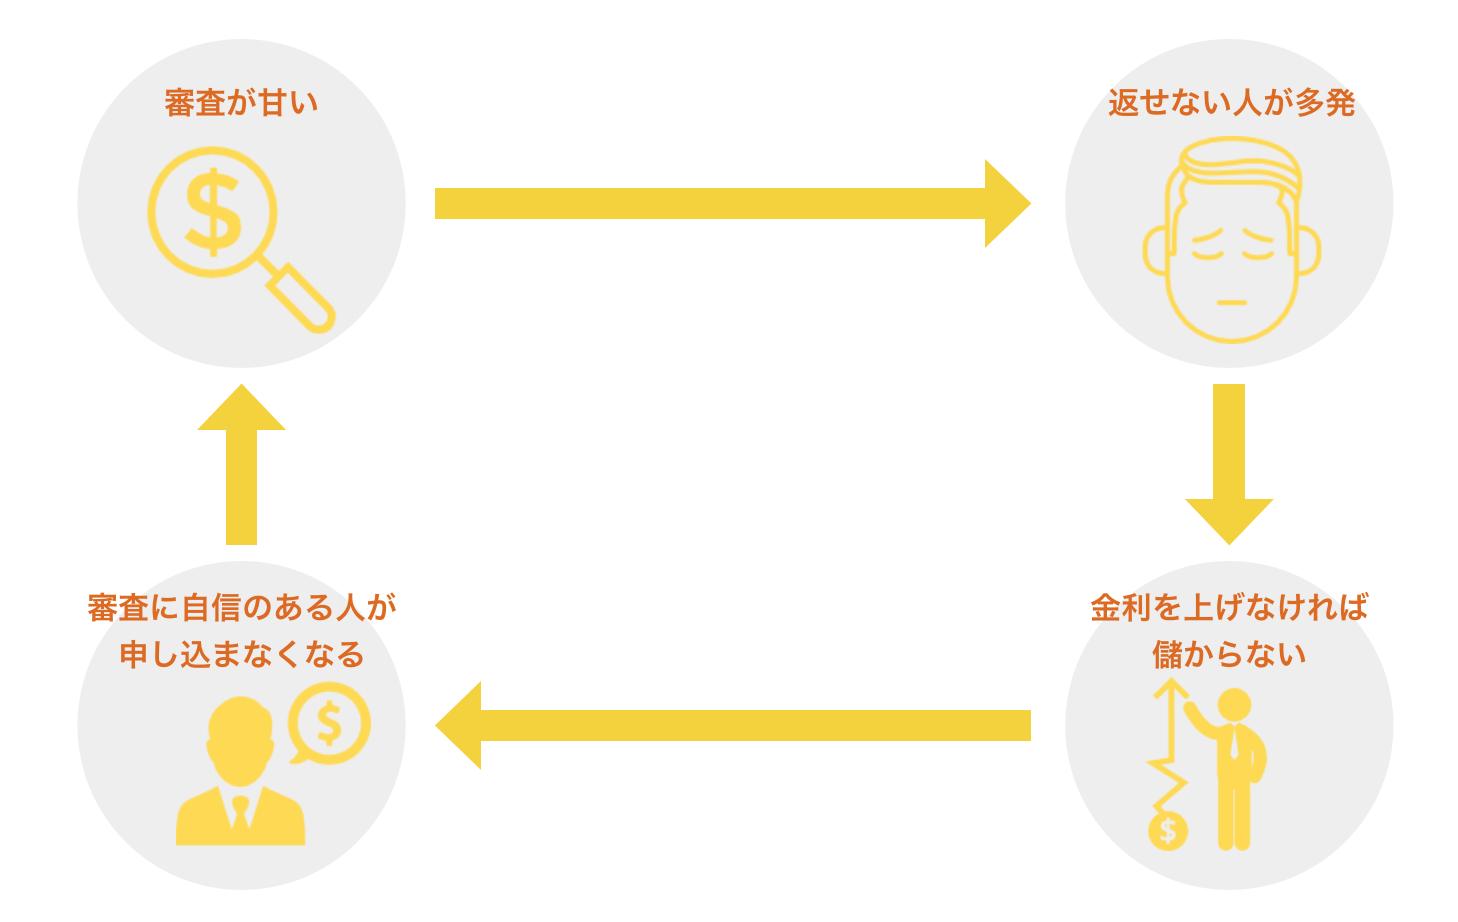 利息が高い消費者金融のサイクル